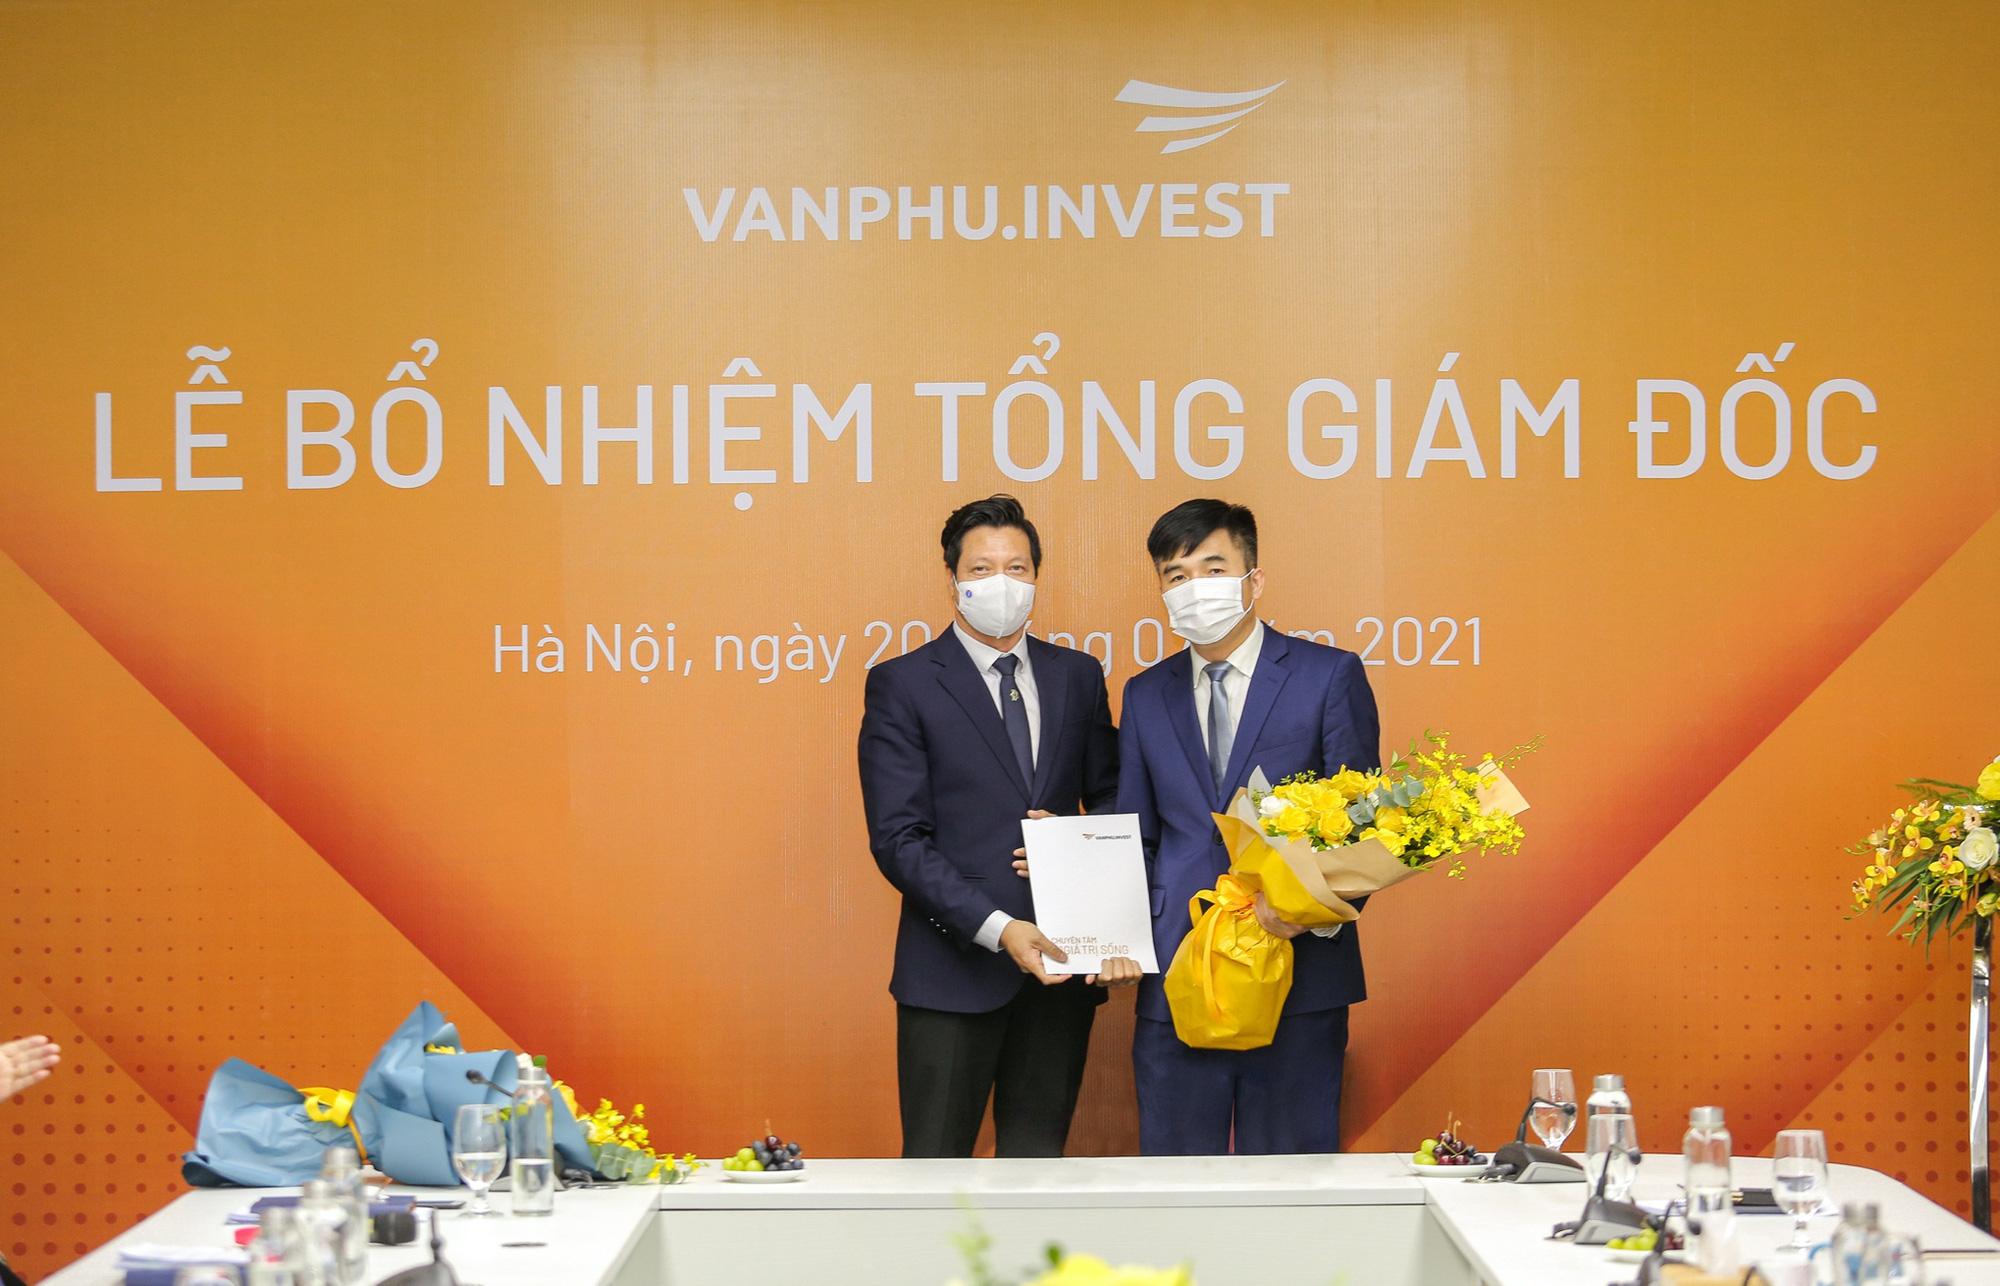 Văn Phú – Invest bổ nhiệm Tổng giám đốc mới - Ảnh 1.